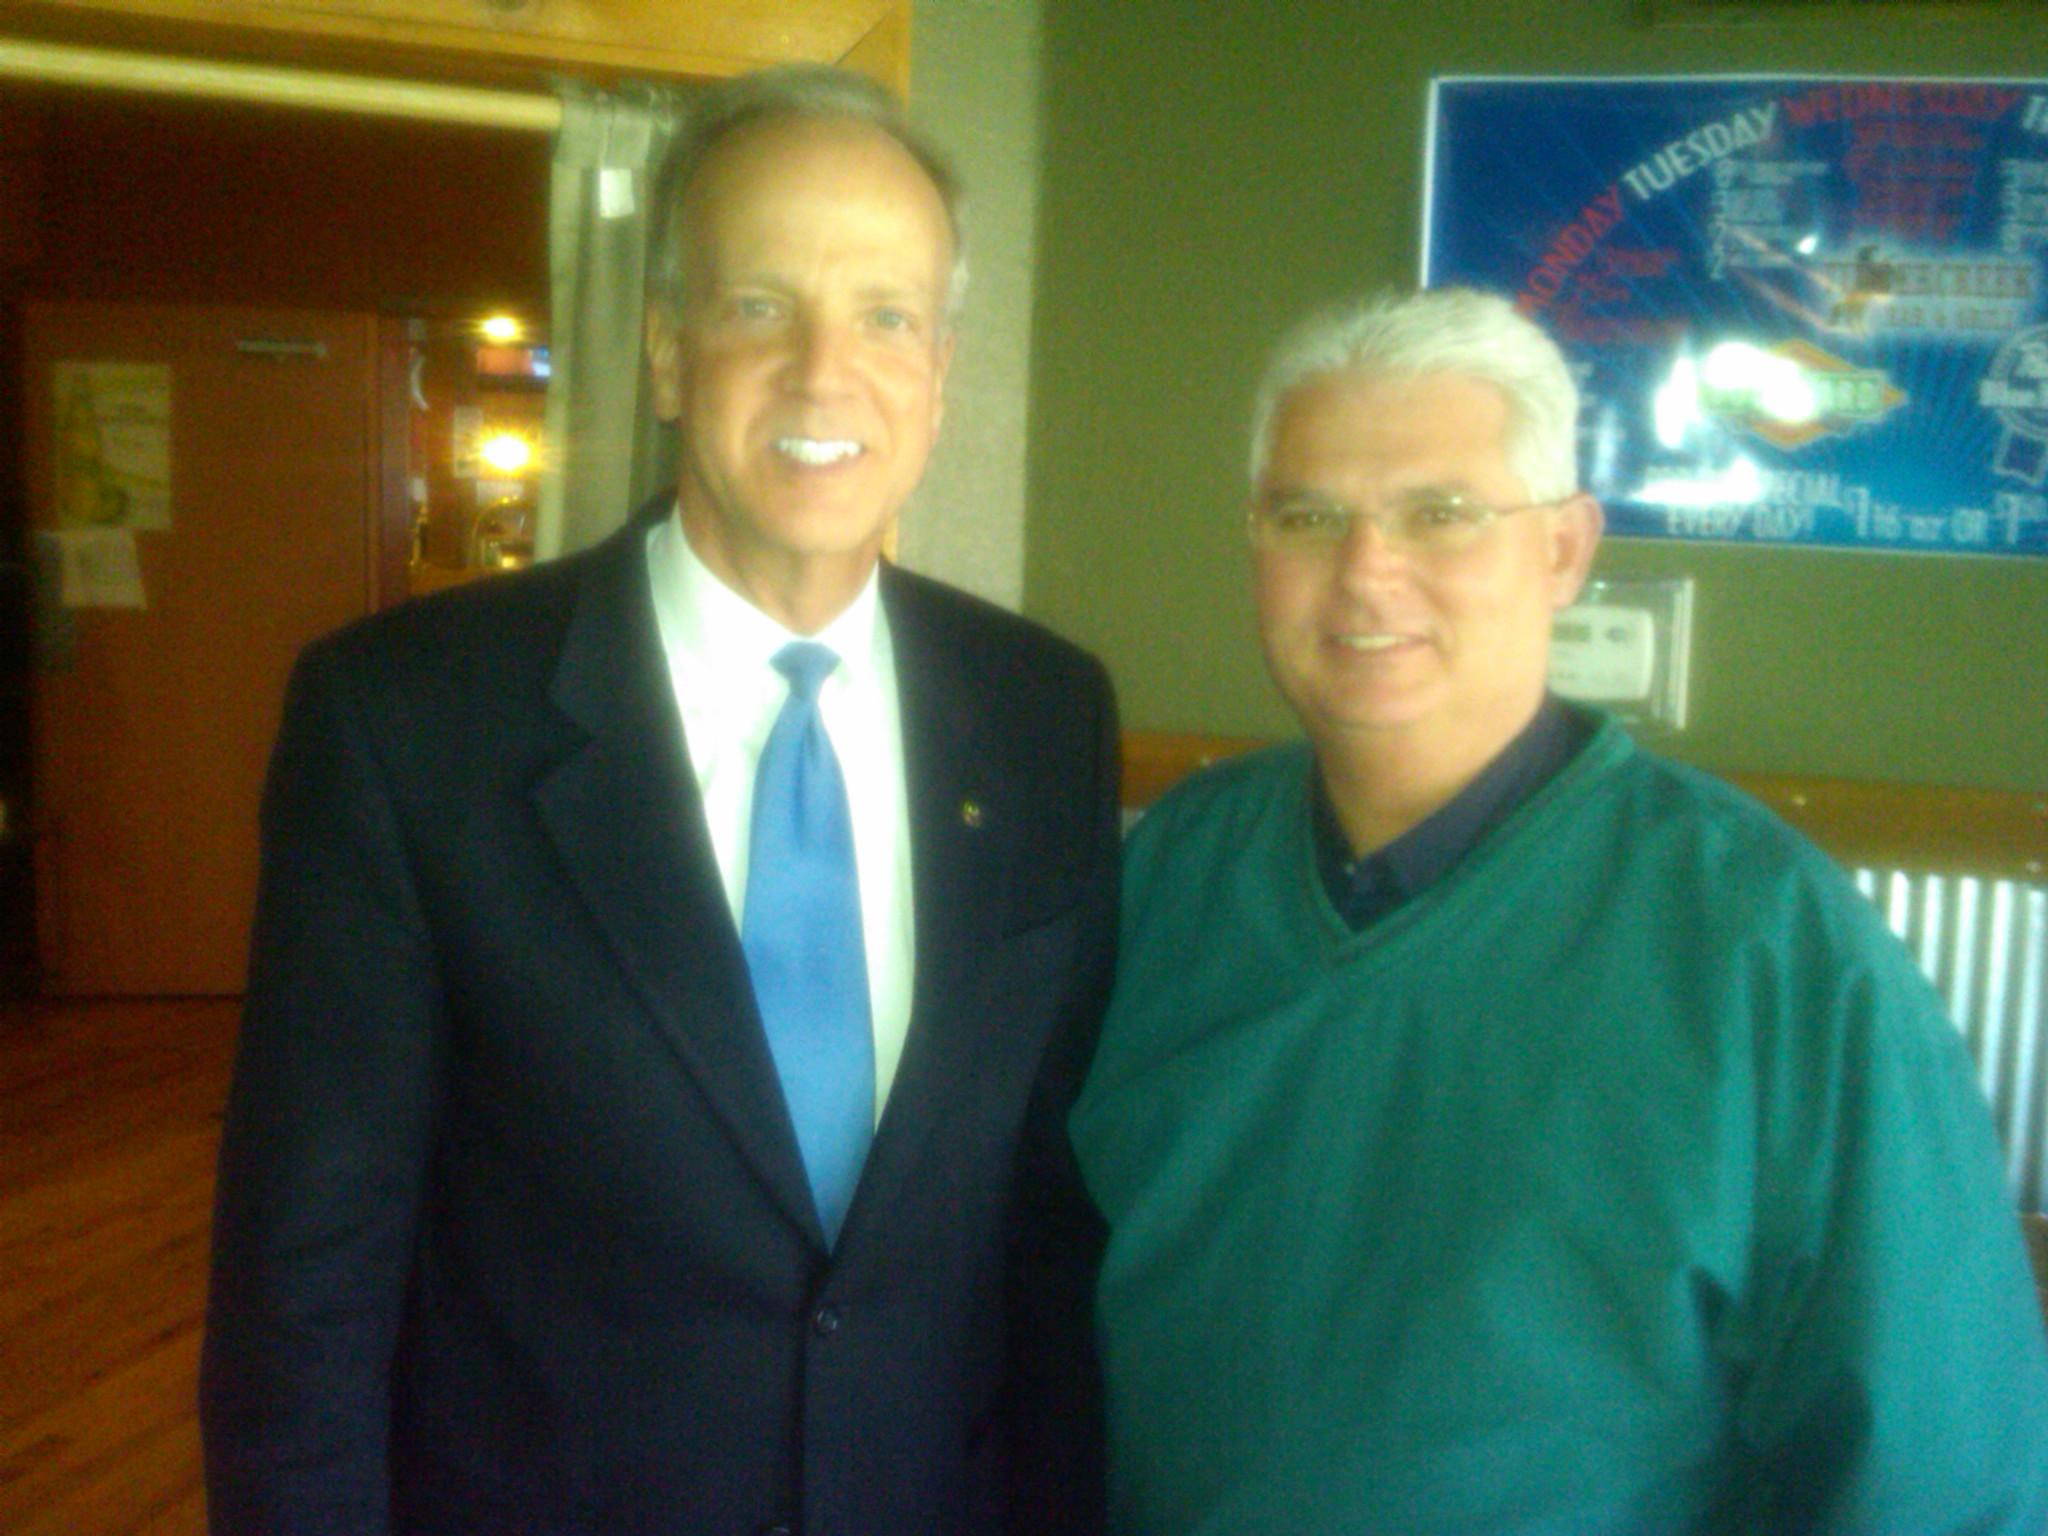 Sen. Moran Visits with Members of Louisburg Rotary